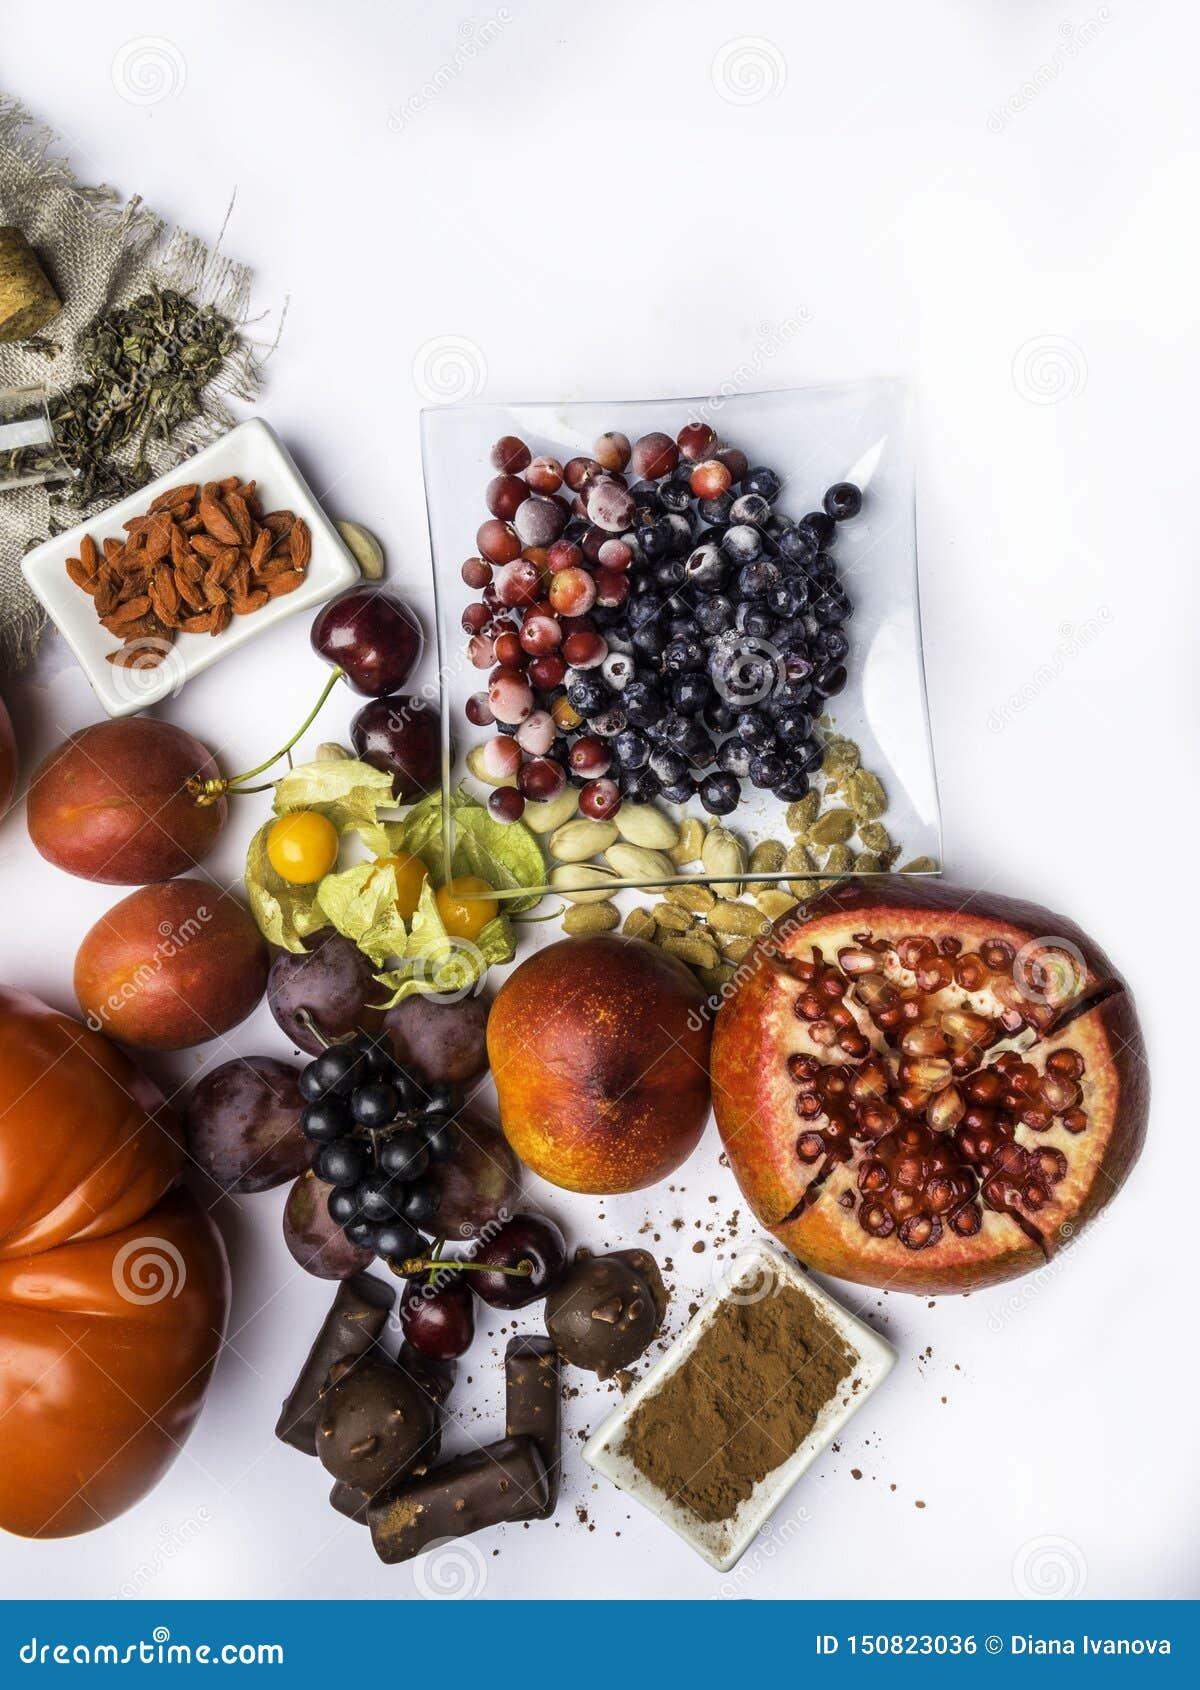 Antioxidantes, comida del resveratrol como té verde, uva, arándano, albaricoque, manzana, chocolate, tomates, granada